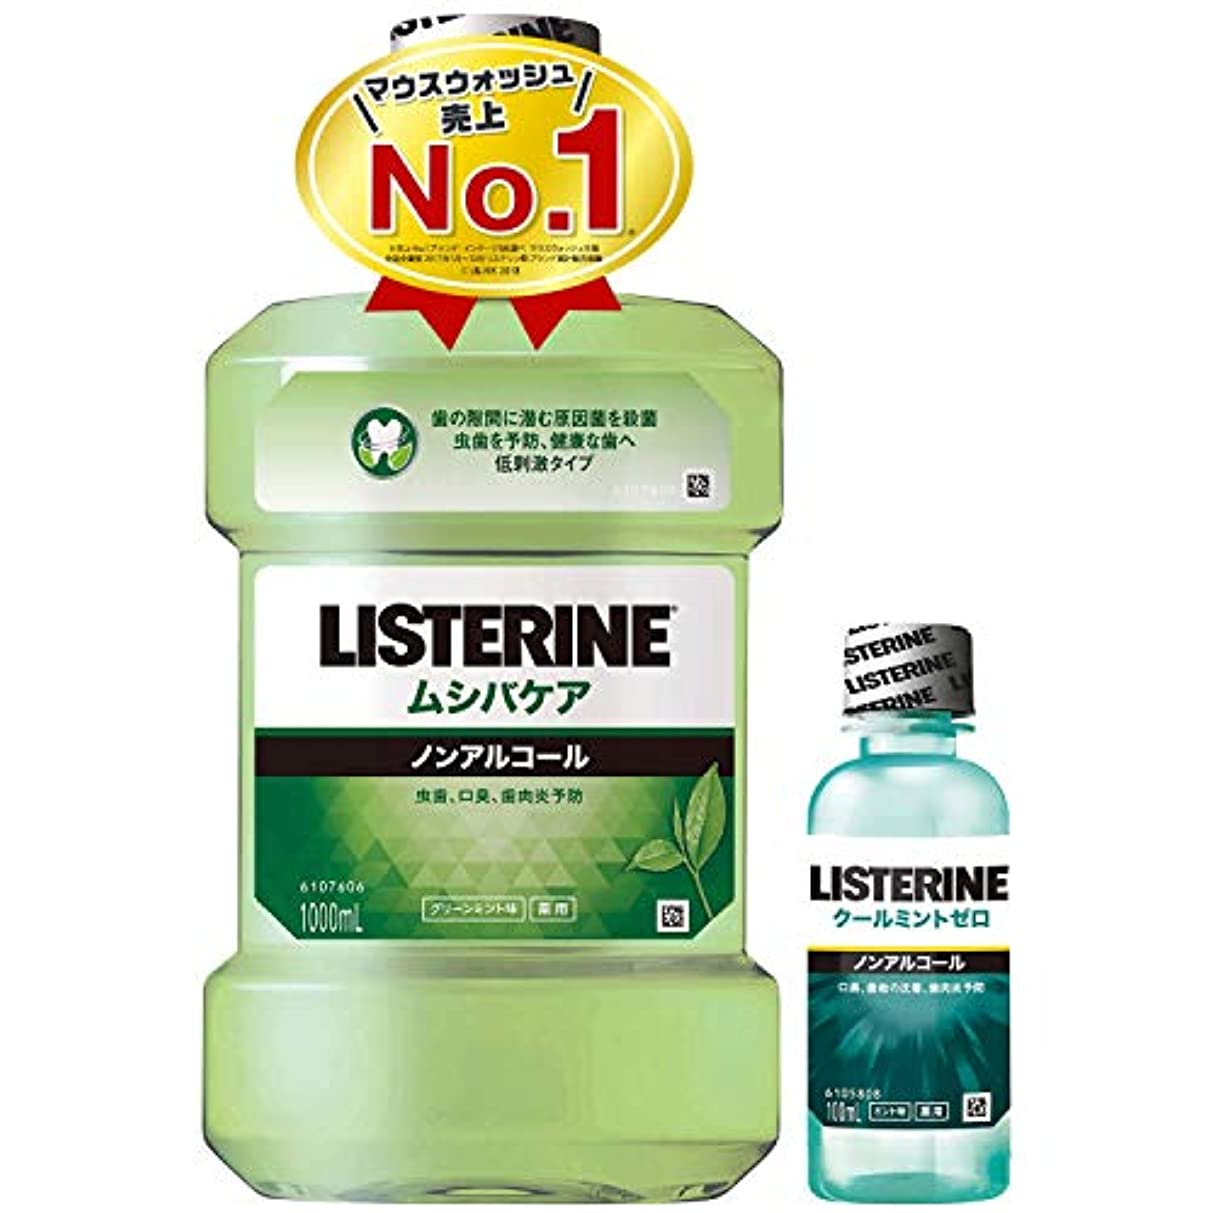 動的代表ママ【Amazon.co.jp限定】 LISTERINE(リステリン) [医薬部外品] 薬用 リステリン ムシバケア マウスウォッシュ グリーンミント味 1000mL+おまけつき